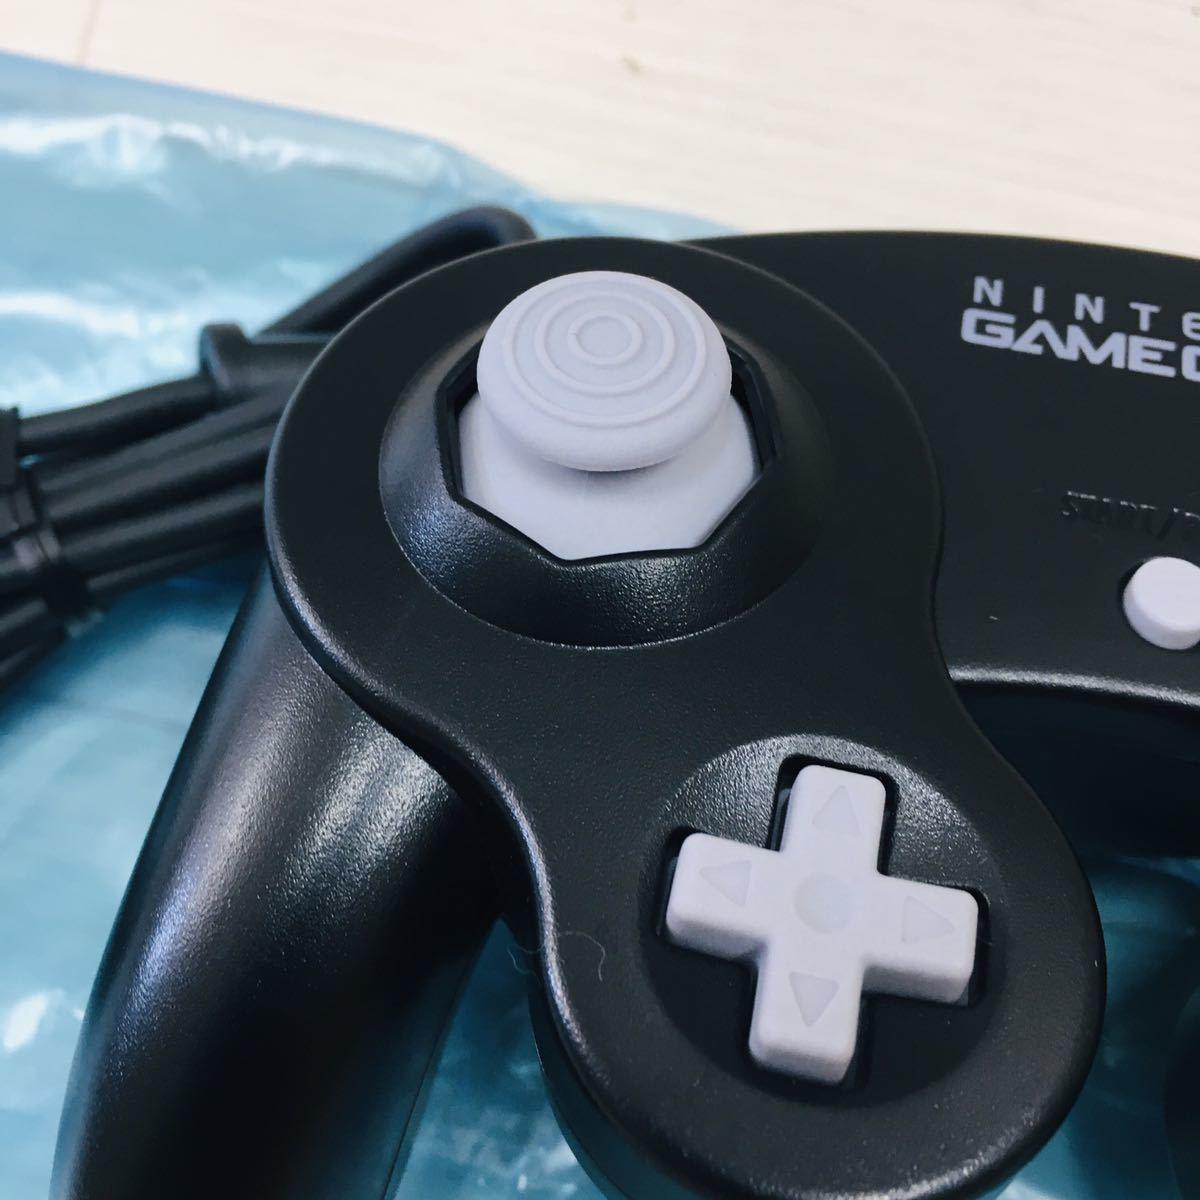 未使用品 任天堂 ゲームキューブ コントローラー ブラック GC game cube ニンテンドー NINTENDO スイッチ スマブラなどに _画像4